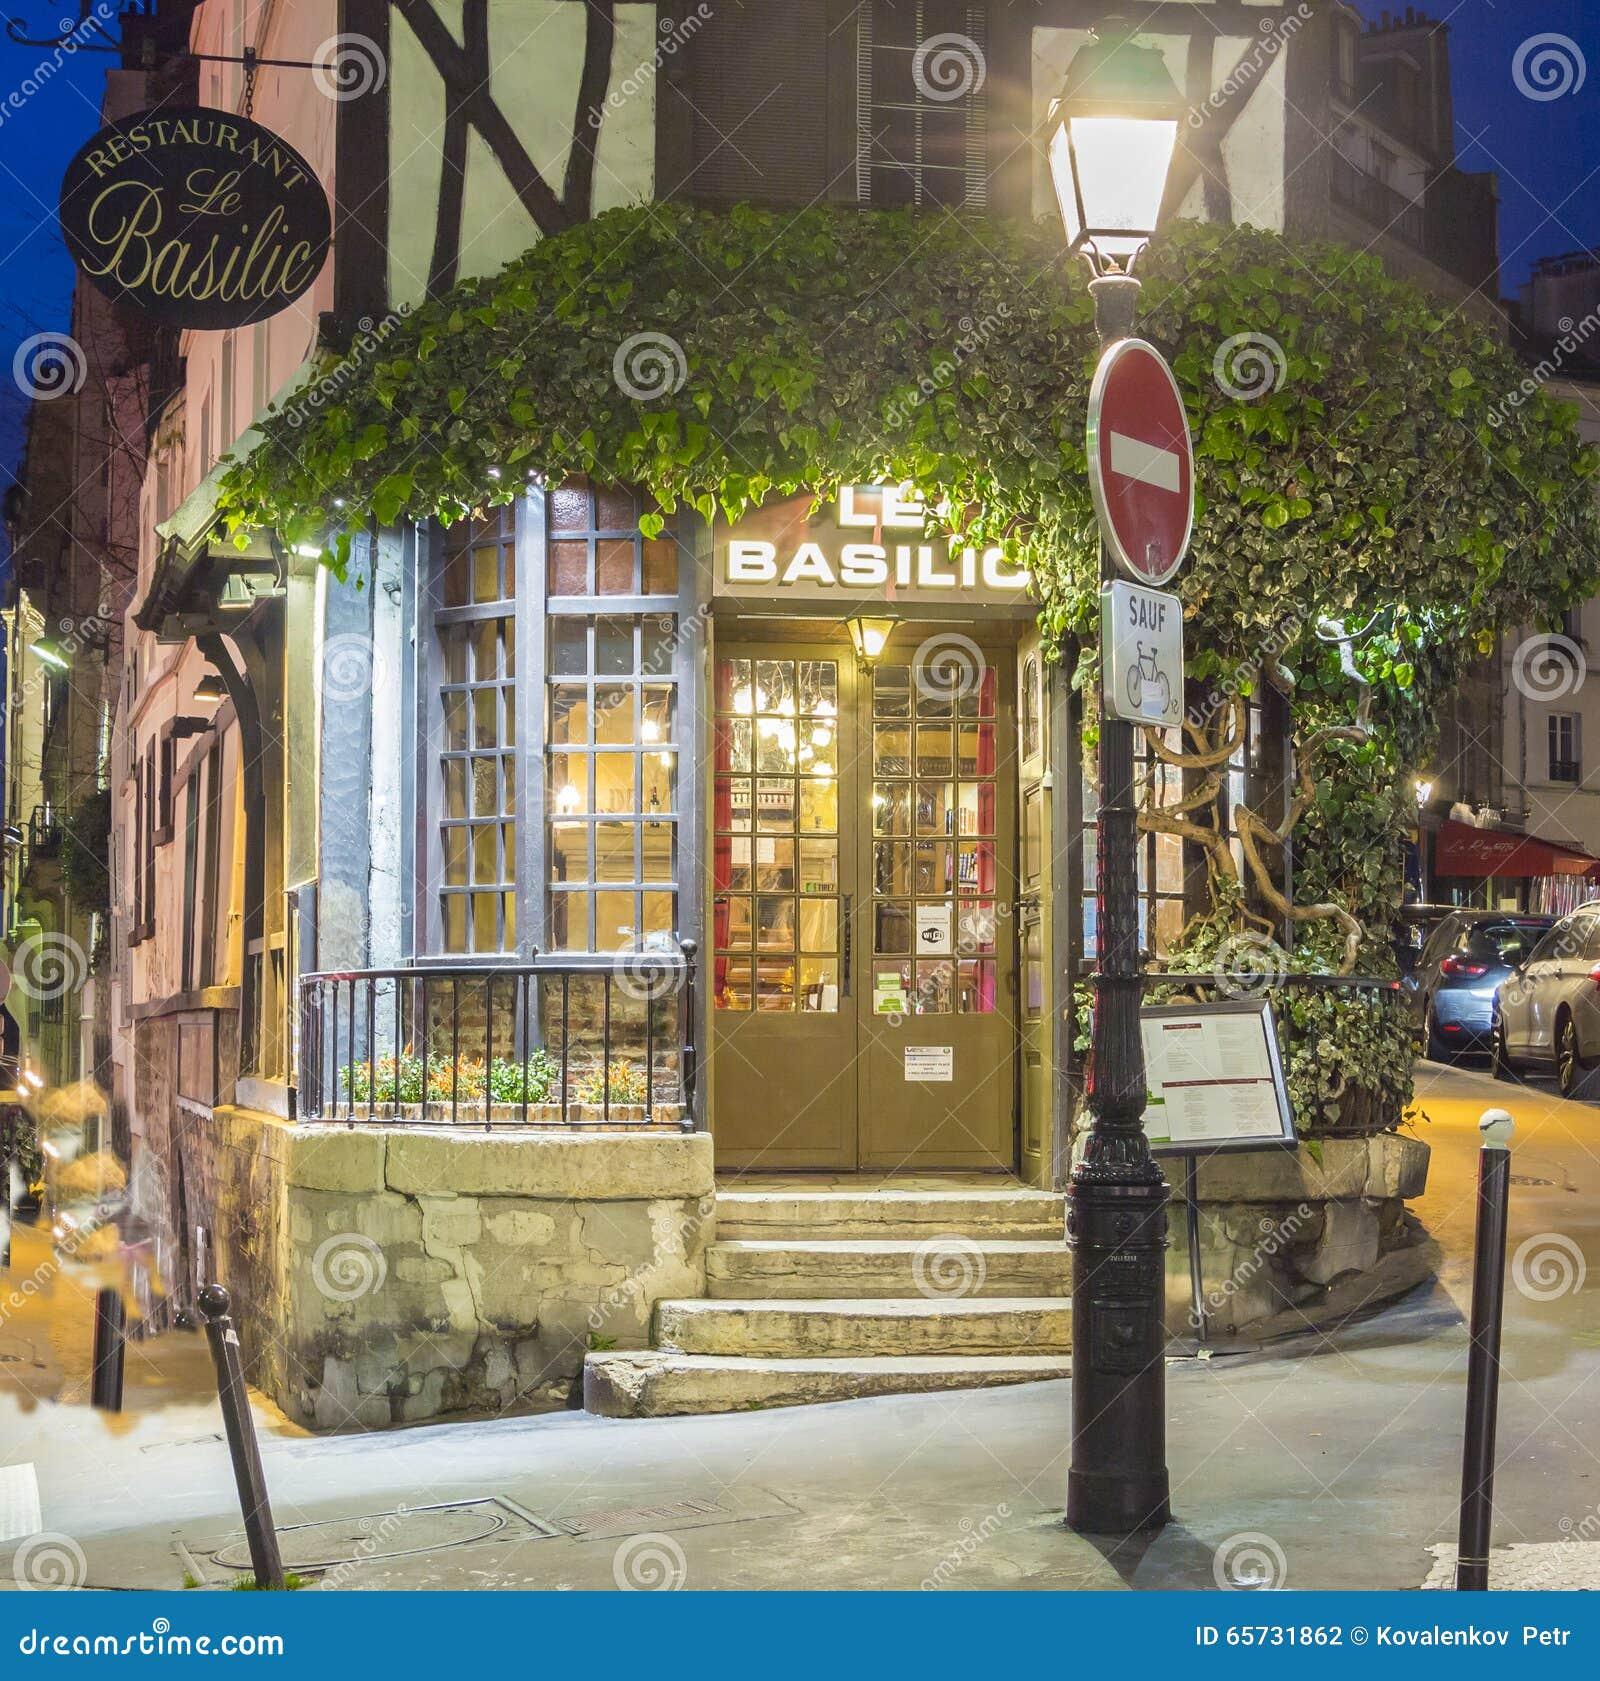 The restaurant le basilic montmartre quarter paris for Restaurant miroir montmartre